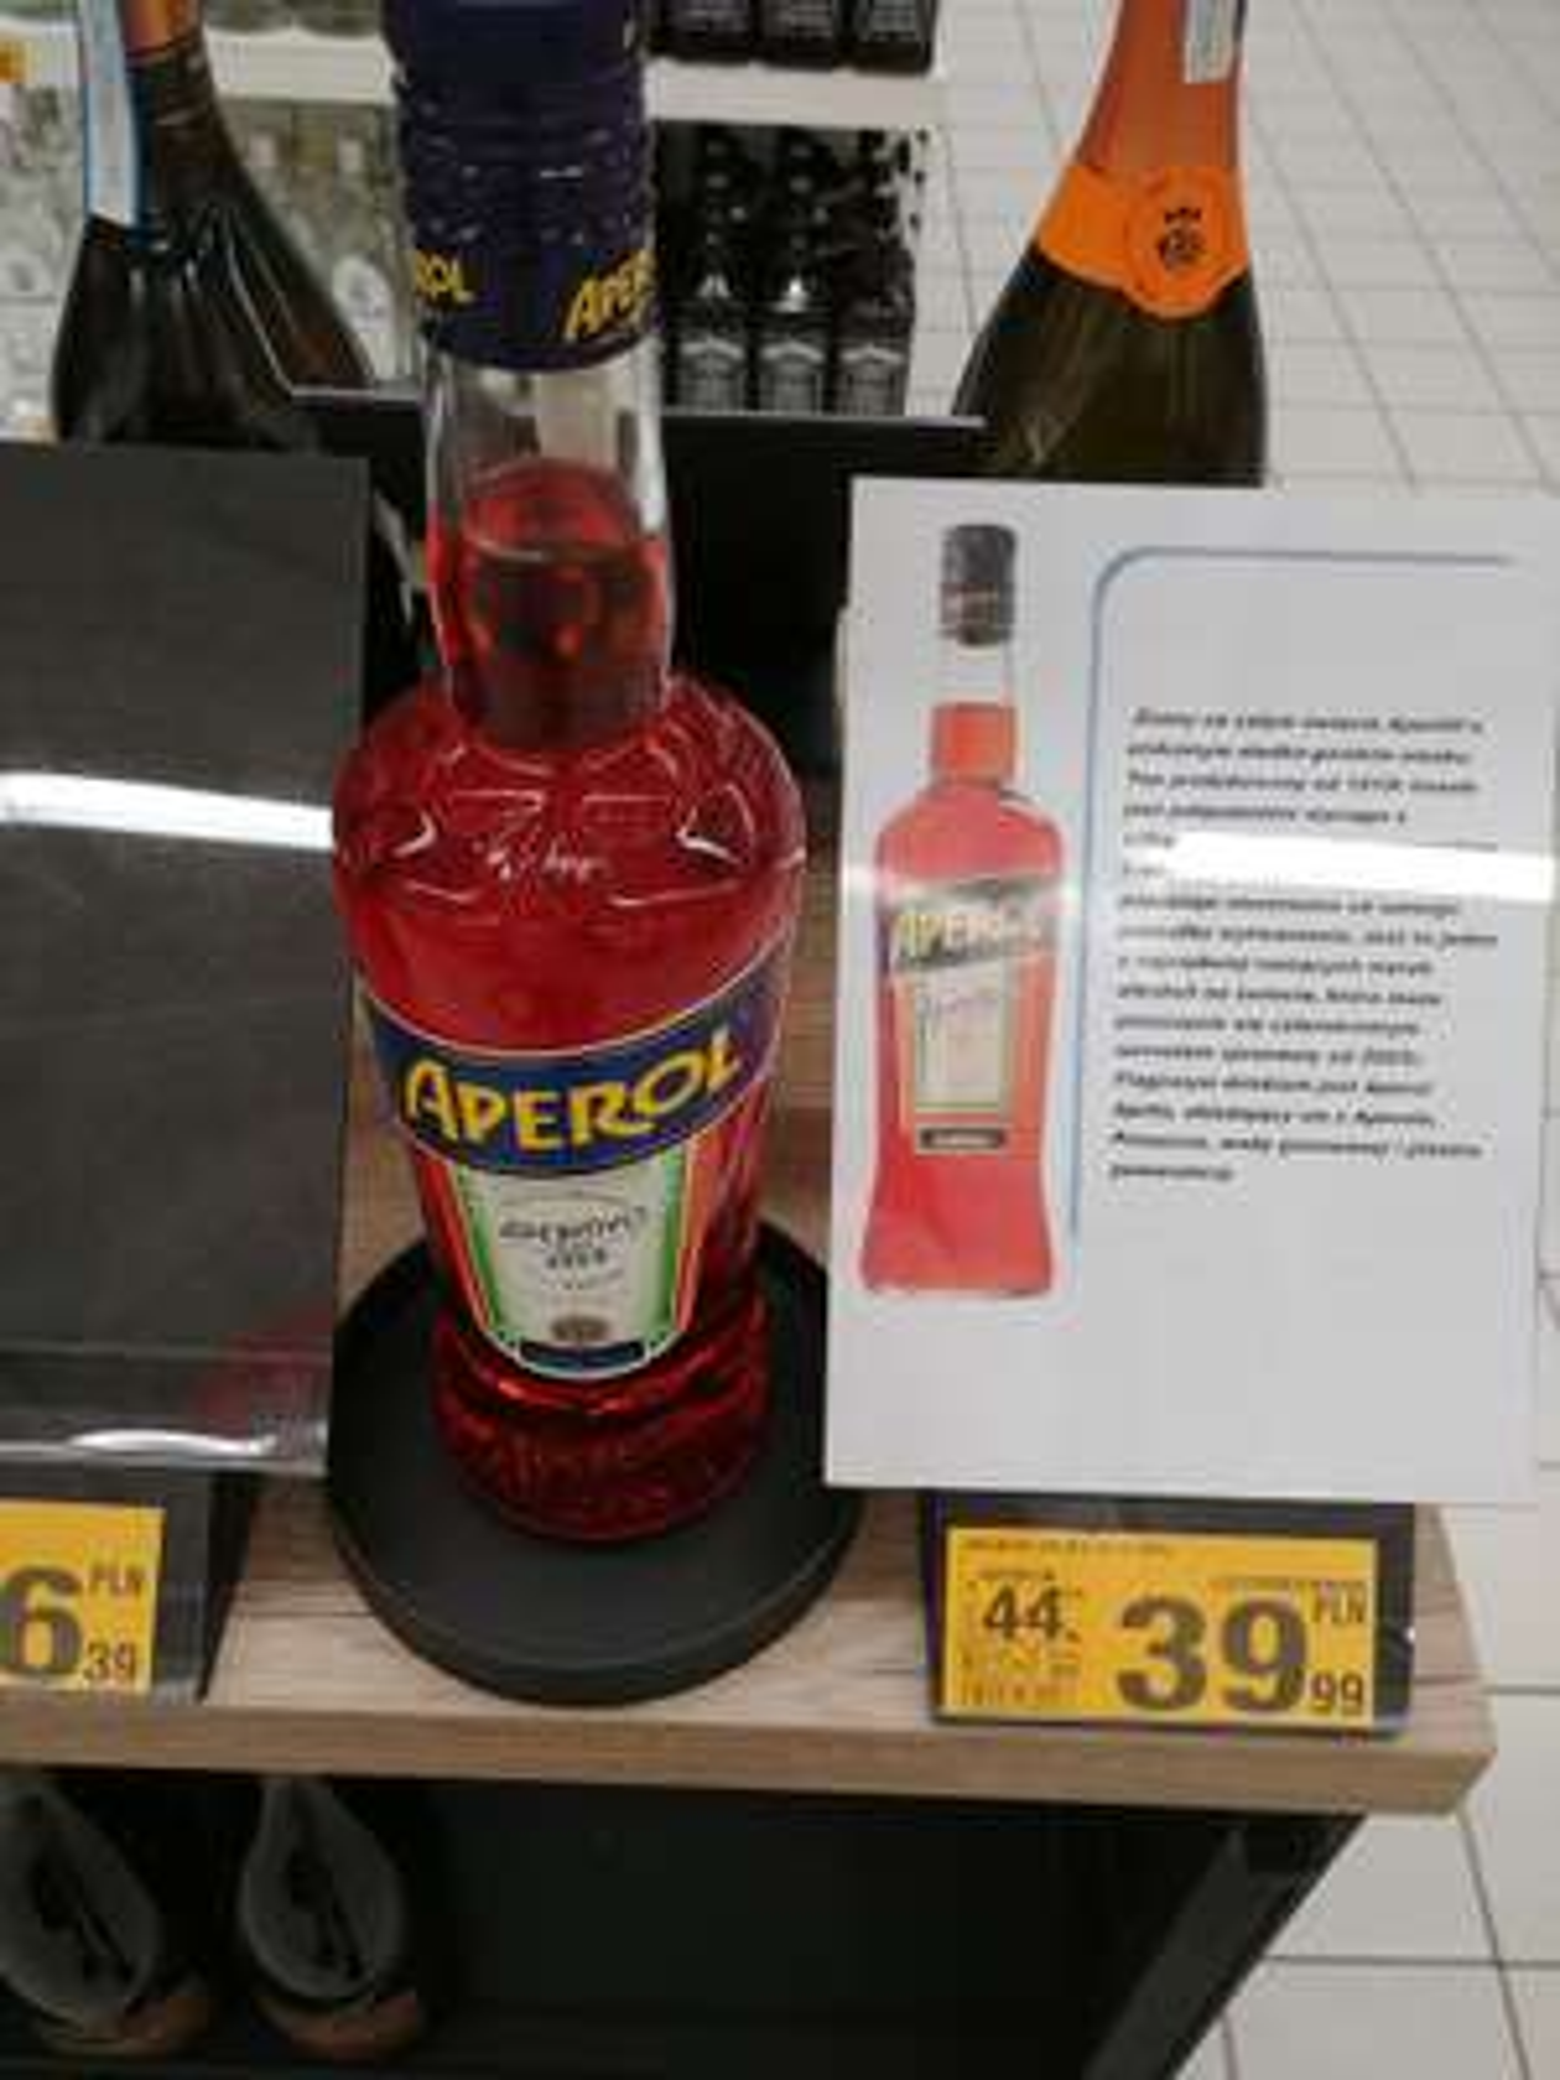 Aperol Auchan Radom